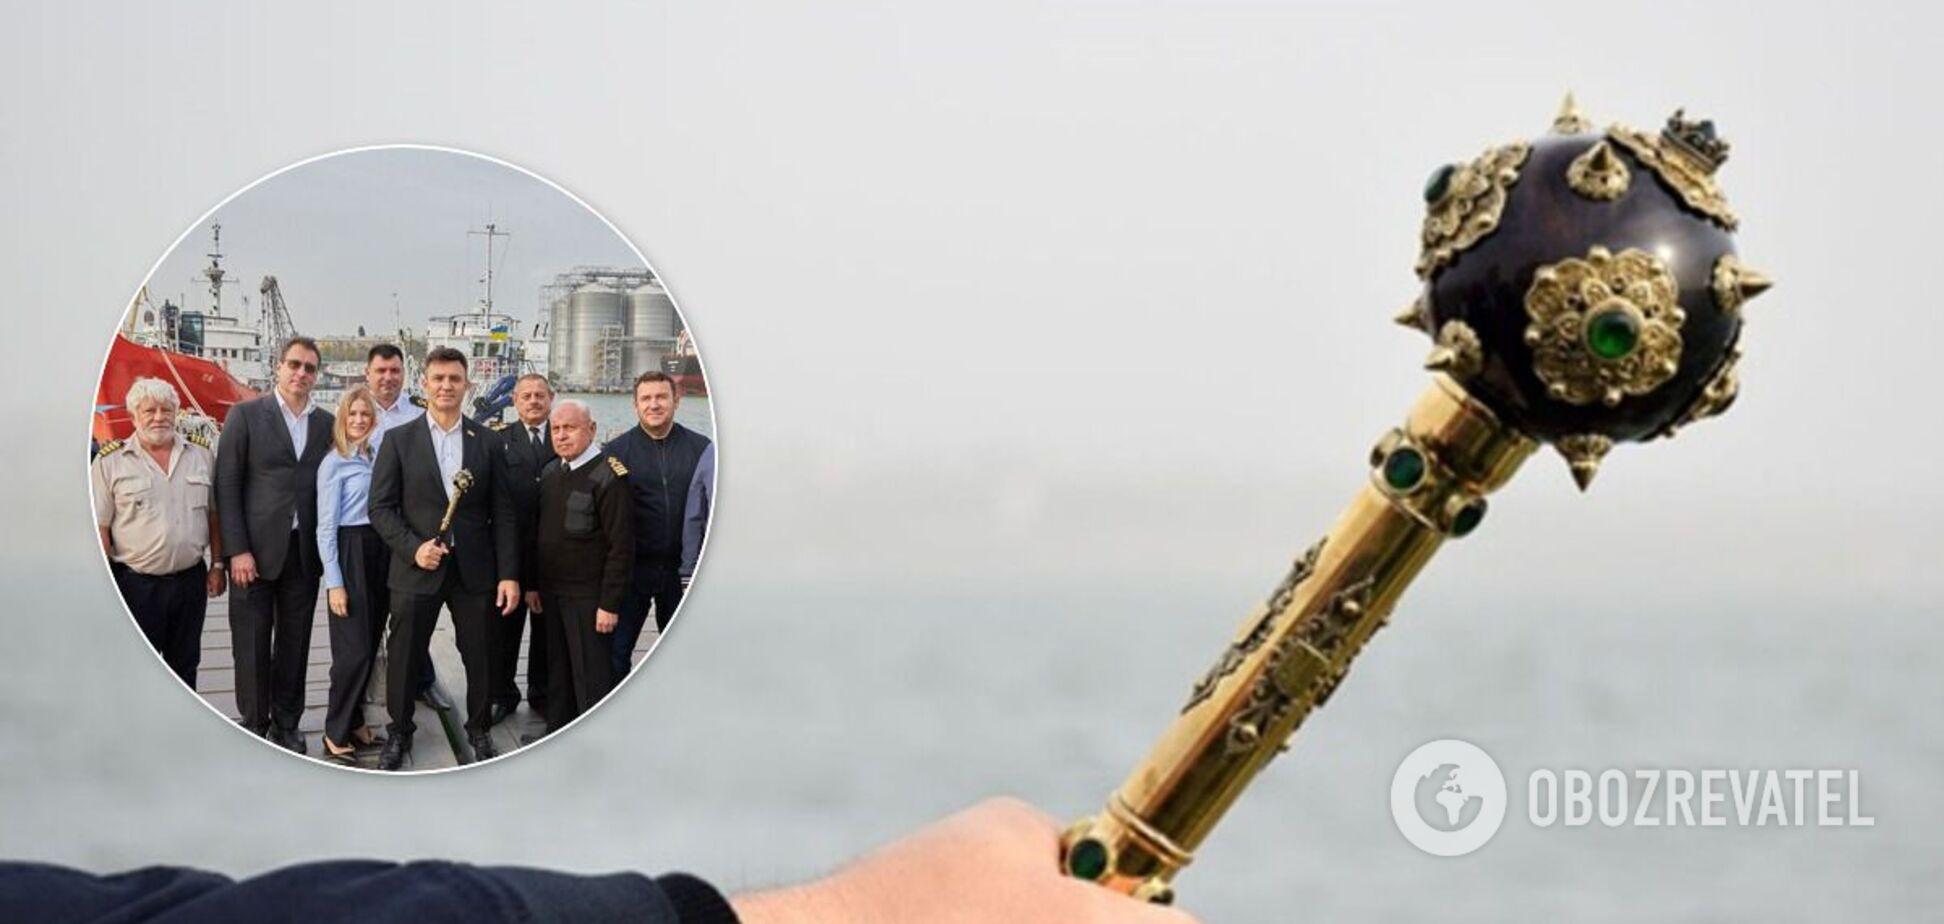 В Киев привезут 'булаву', с которой Зеленский снимался в сериале 'Слуга народа'